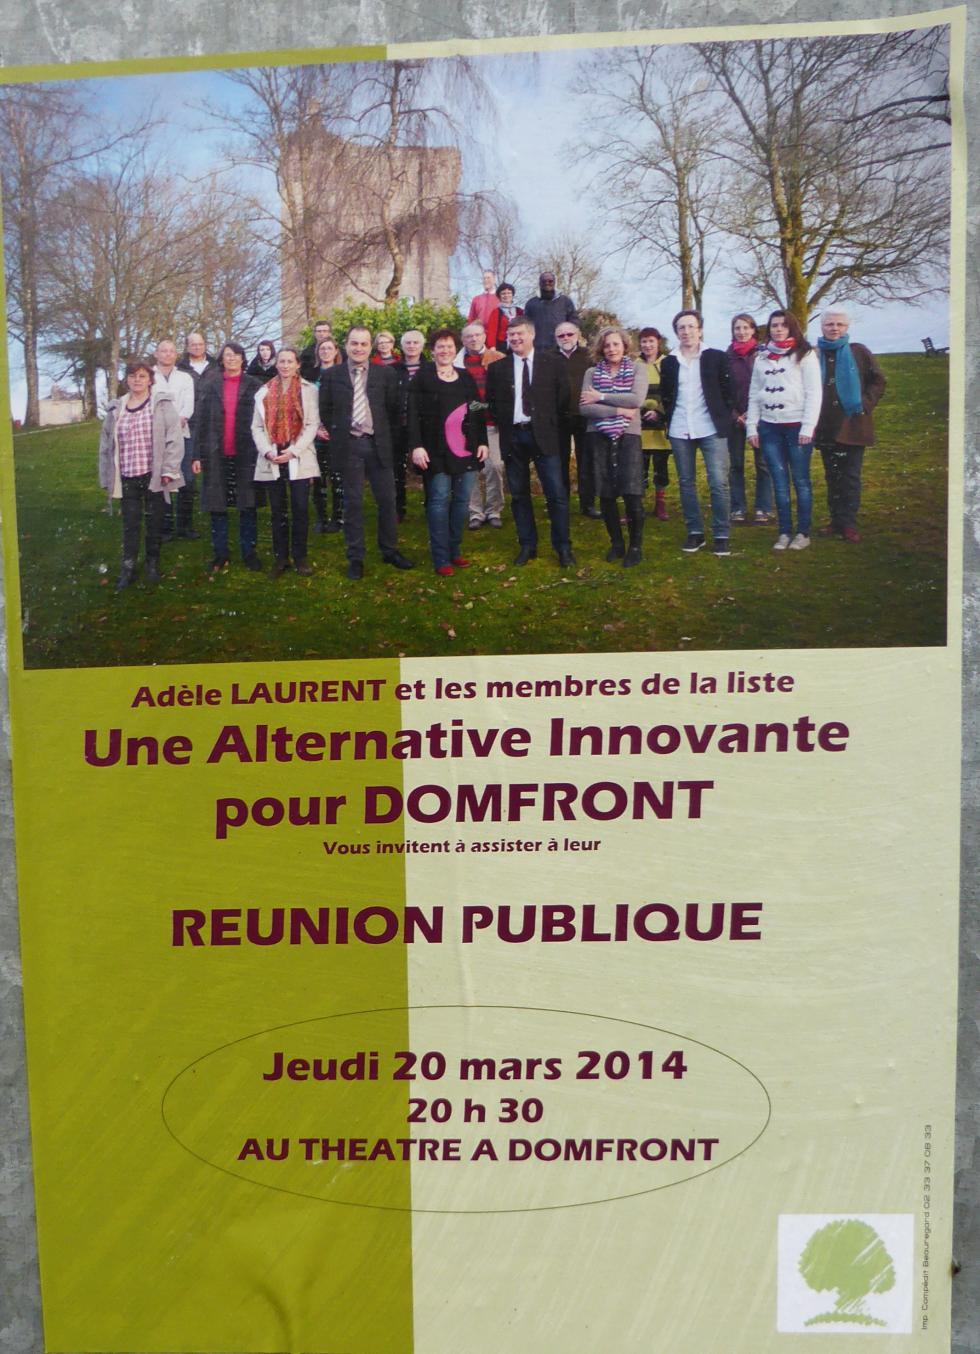 L'annonce de la réunion de la candidate Adèle LAURENT.